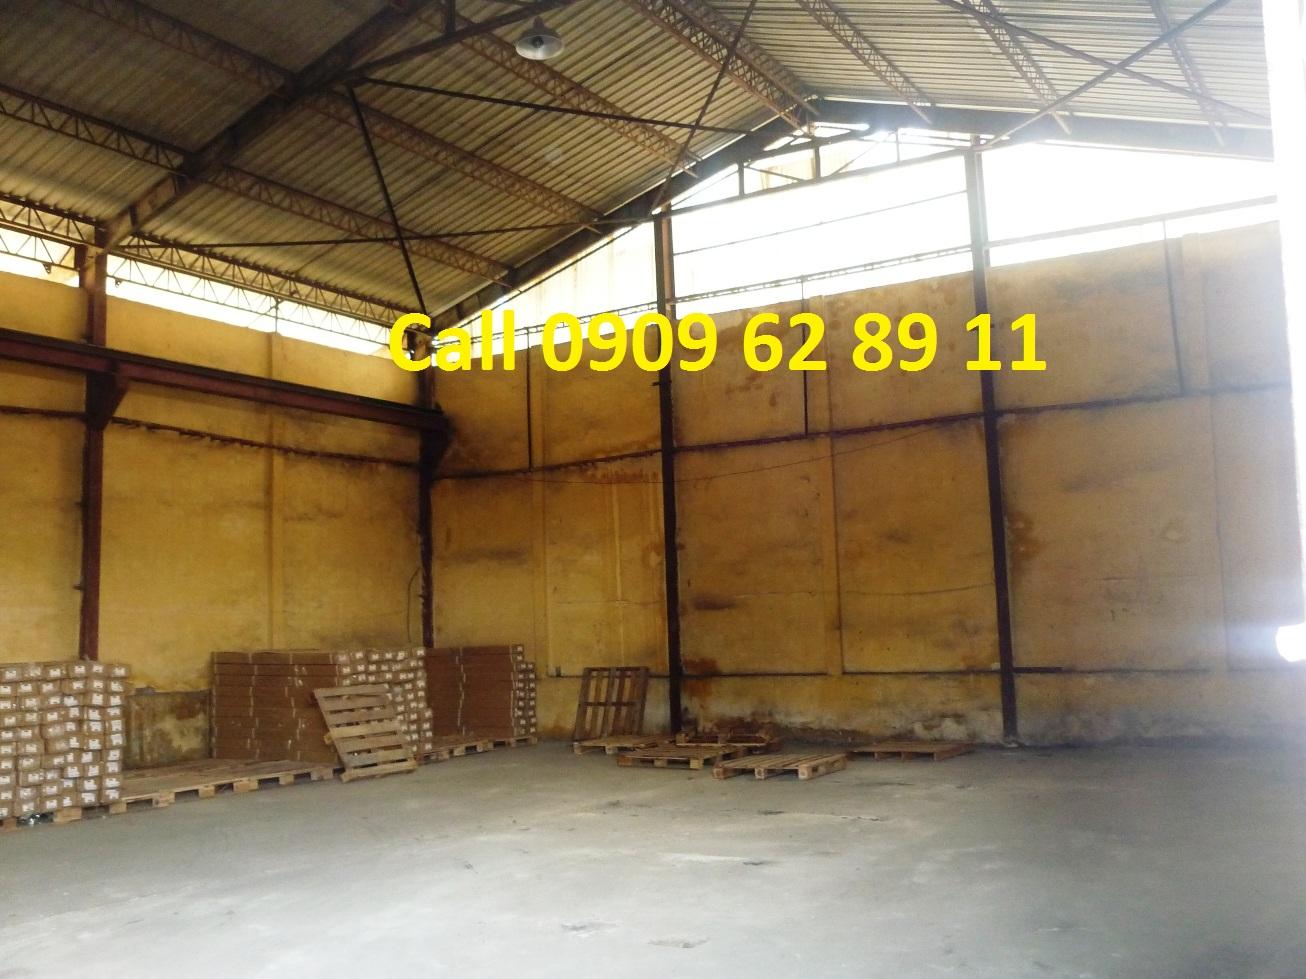 cho thuê kho chung 200m2, 300m2 Nguyễn Văn Quỳ Quận 7